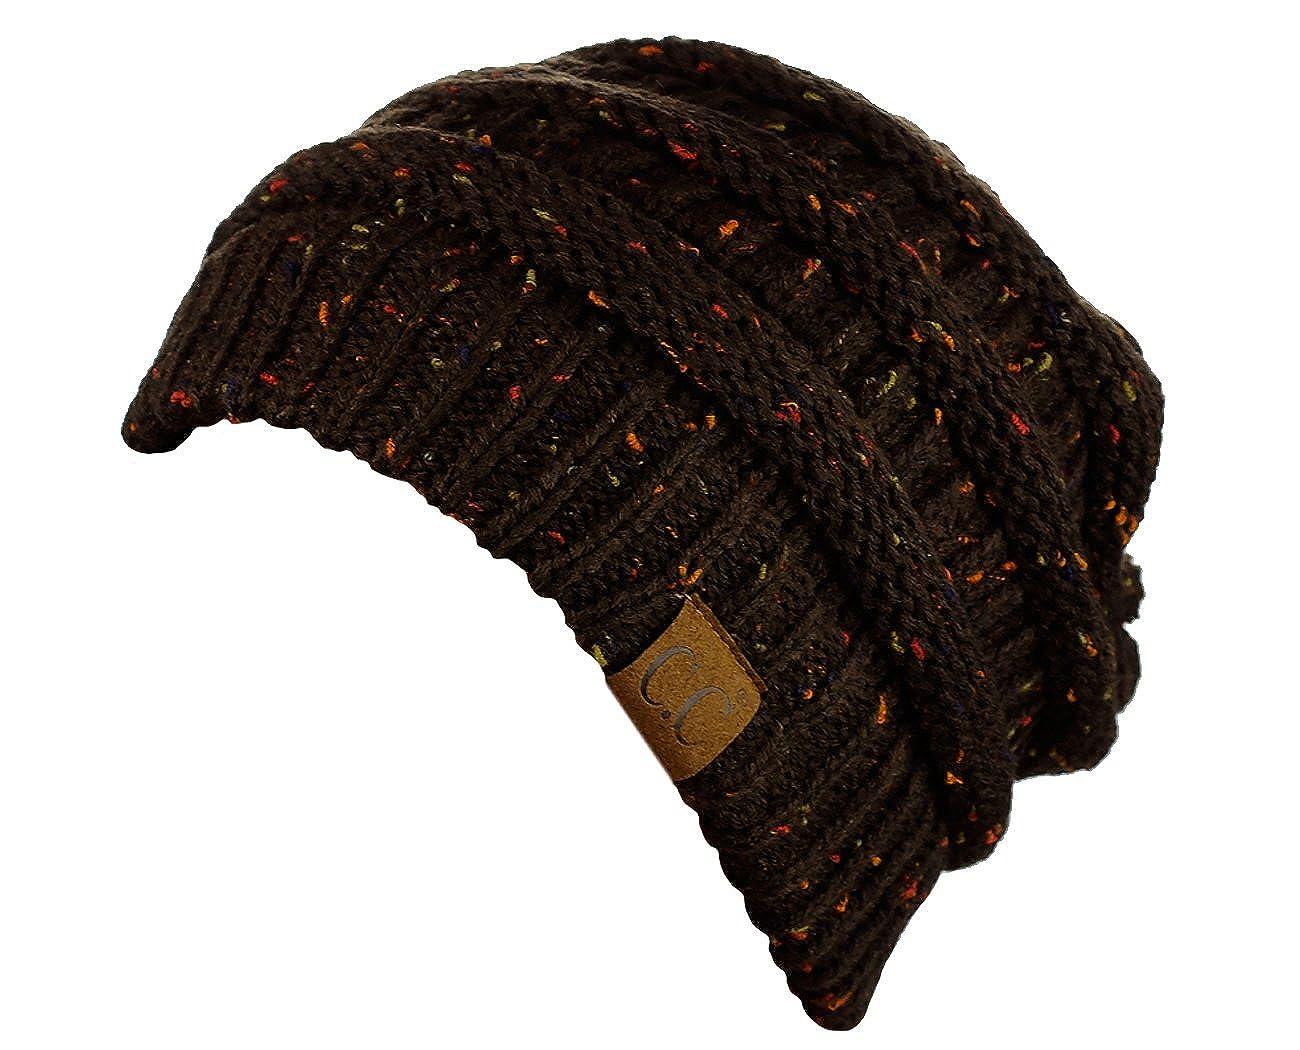 06d9fa20de2d6 C.C Unisex Colorful Confetti Soft Stretch Cable Knit Beanie Skull Cap  HAT33-BK larger image